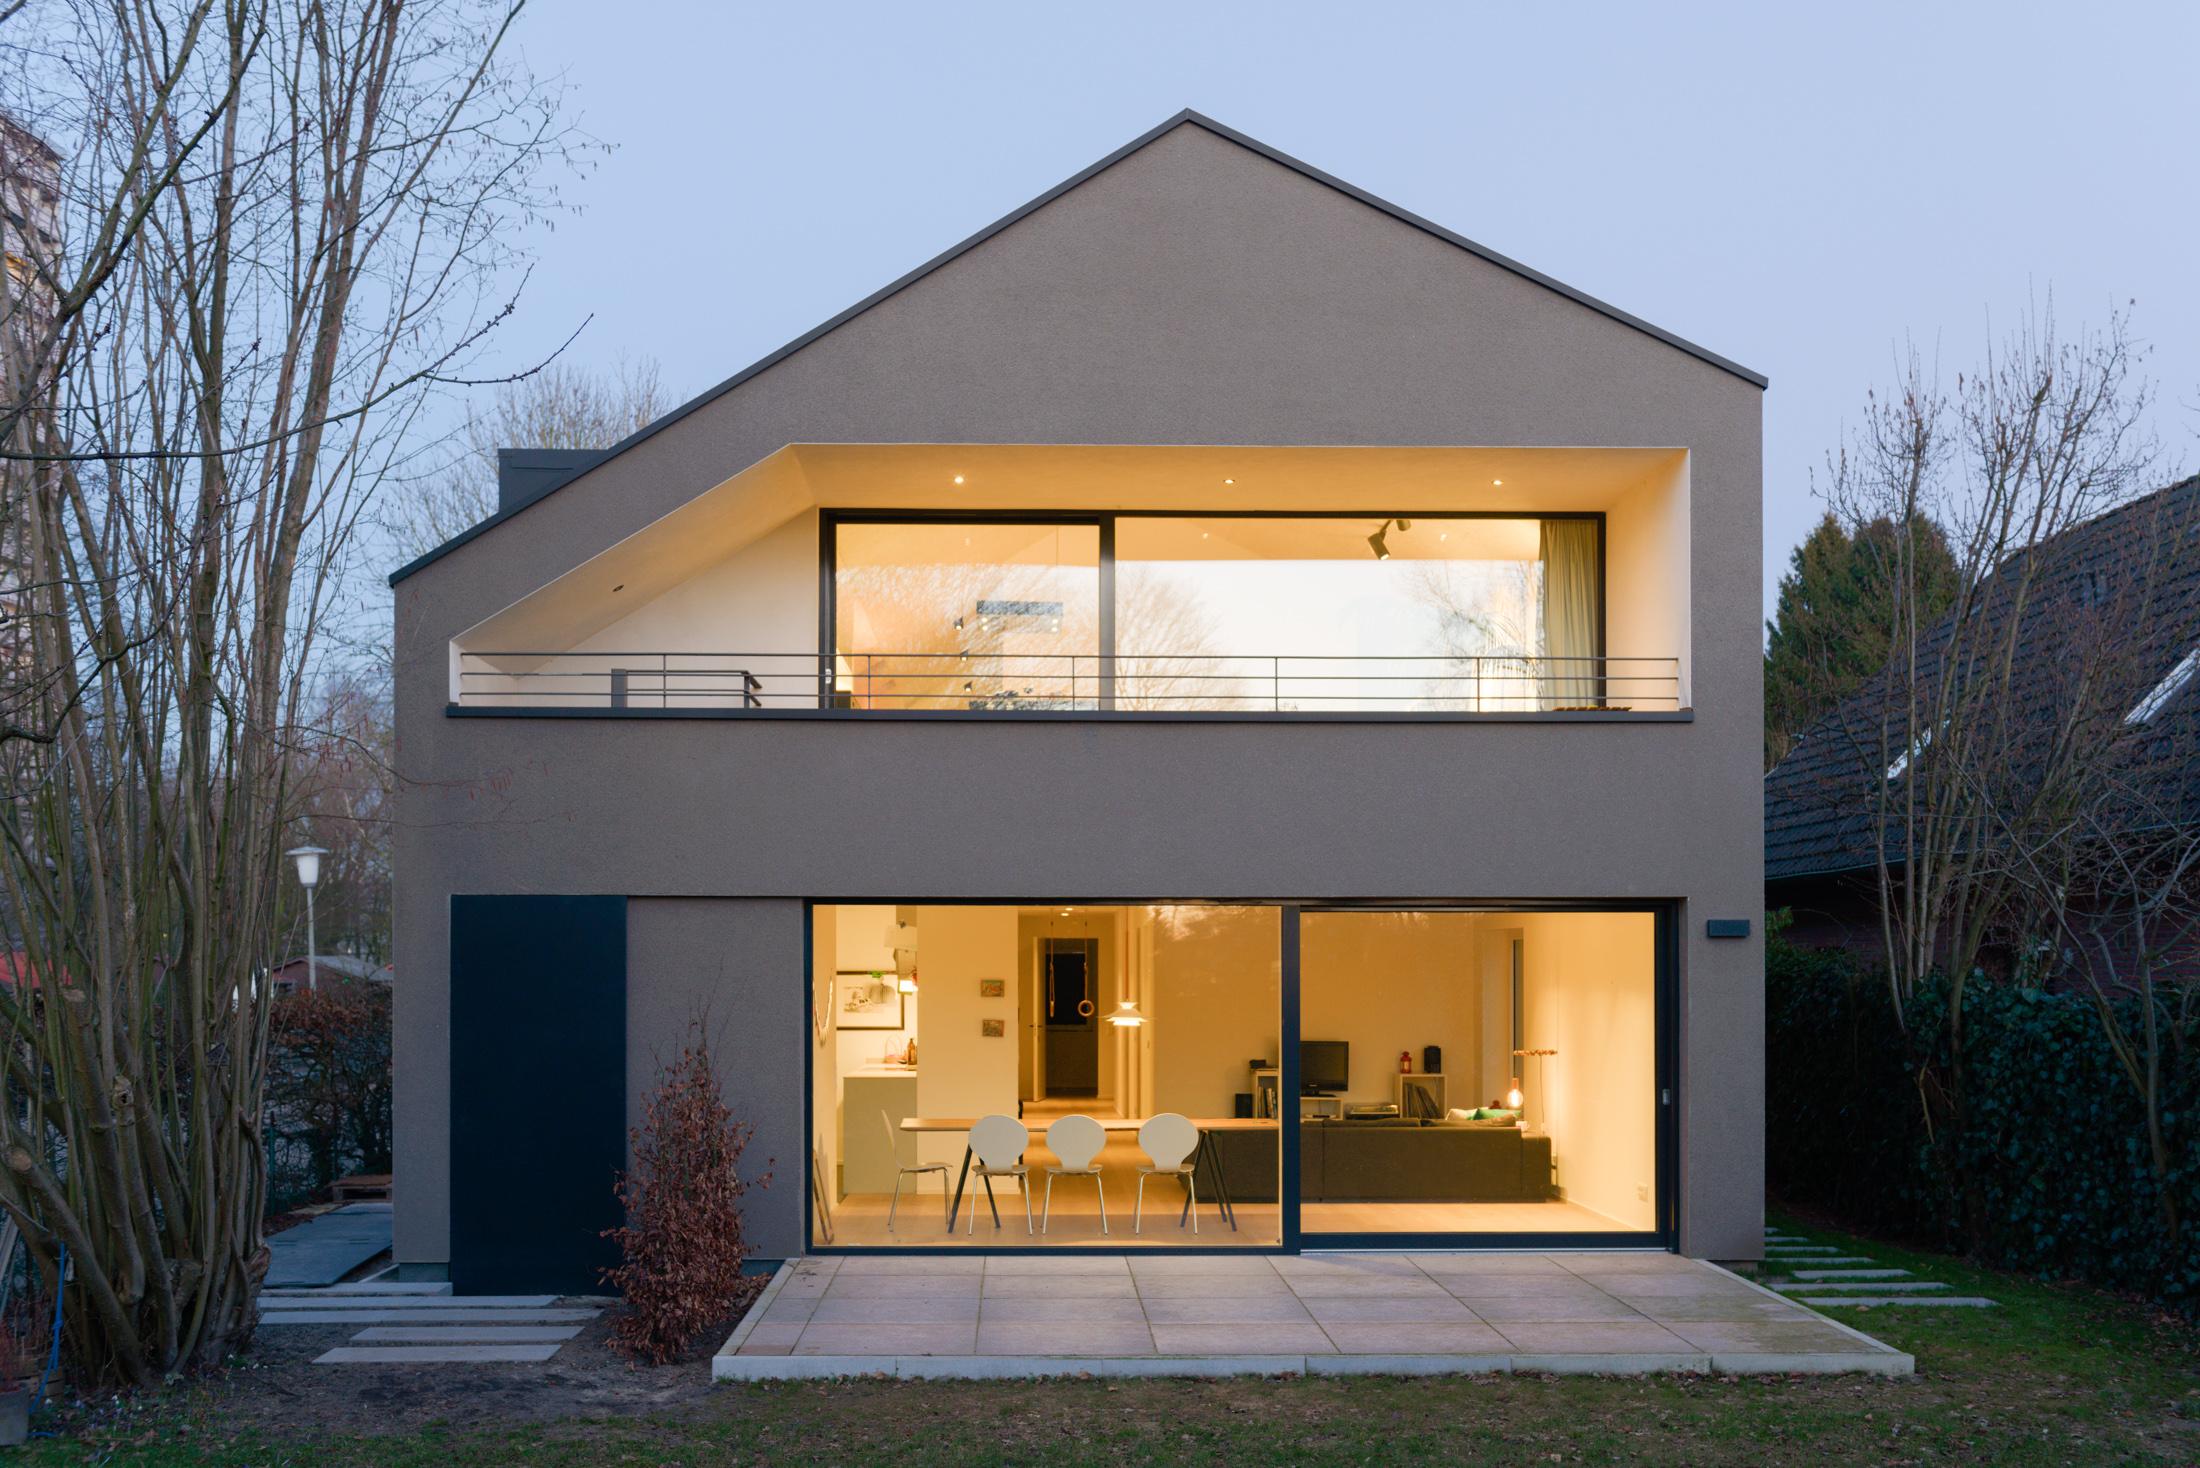 Haus_I_Aussen_01.jpg